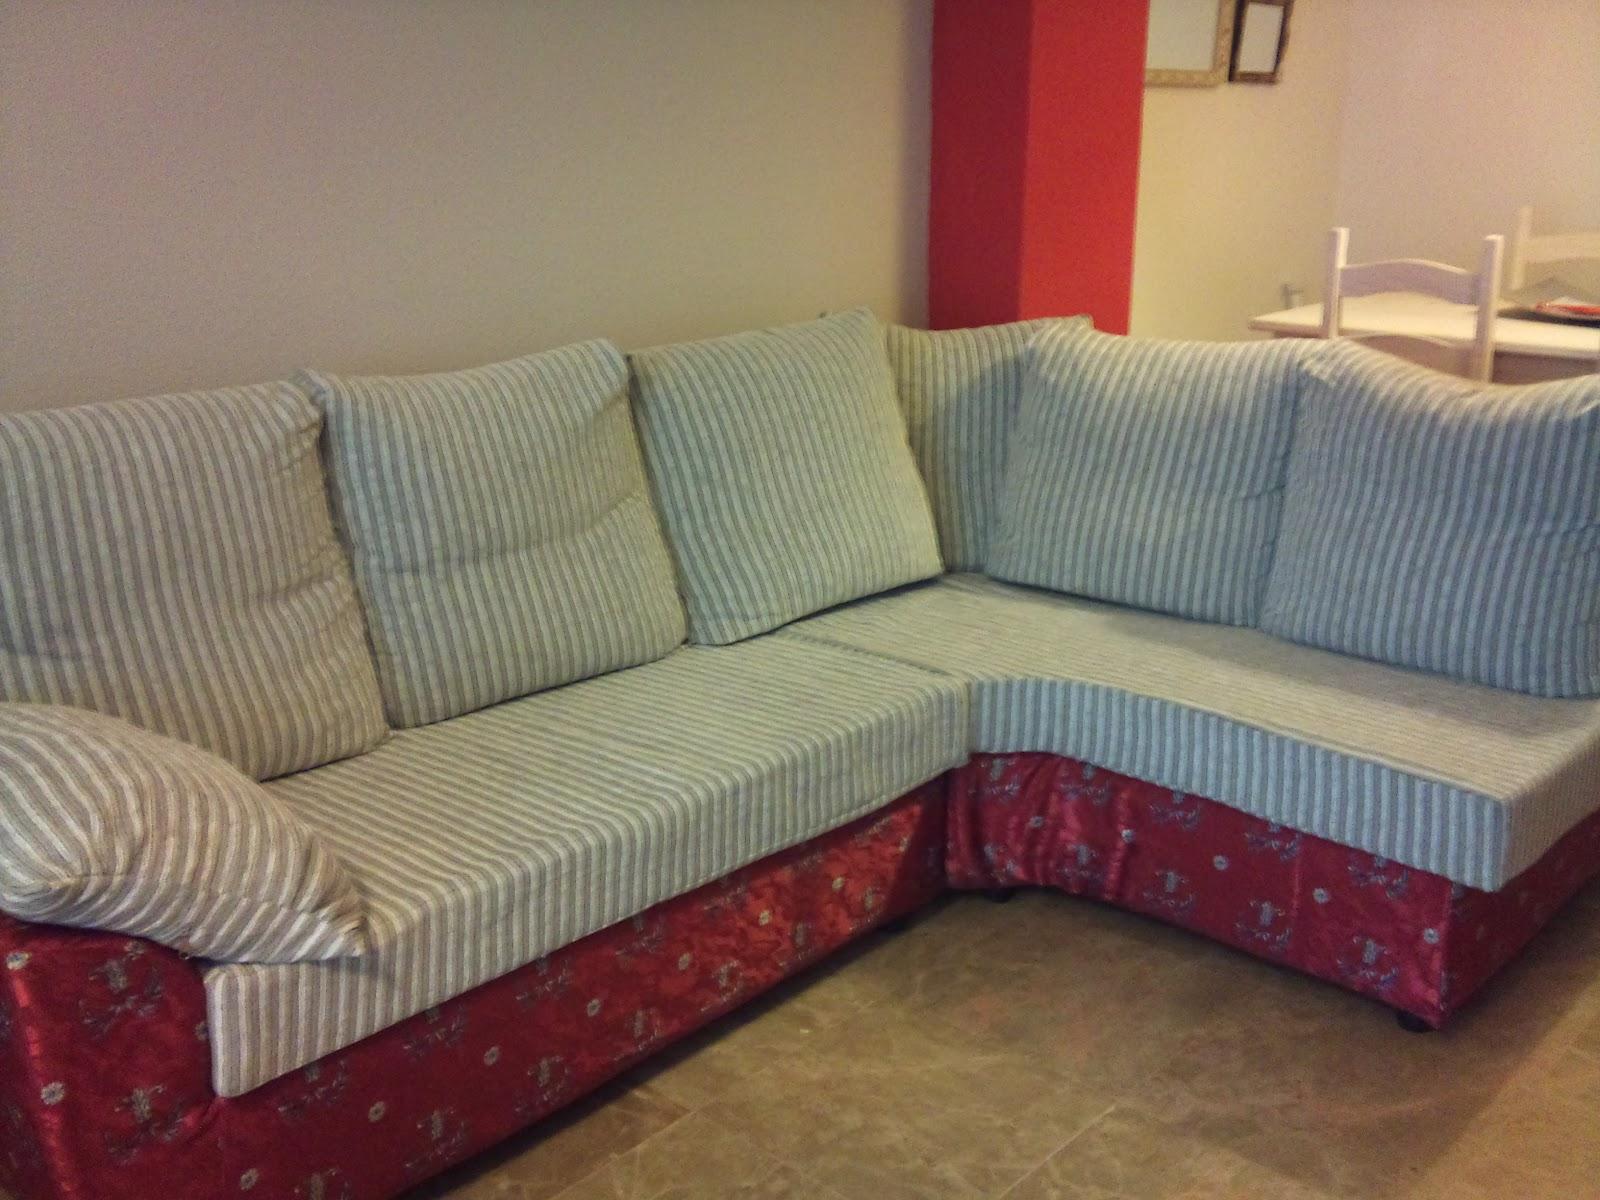 Como hacer fundas para cojines de sofa beautiful almohadones para sillones de algarrobo - Como hacer fundas para sofas ...